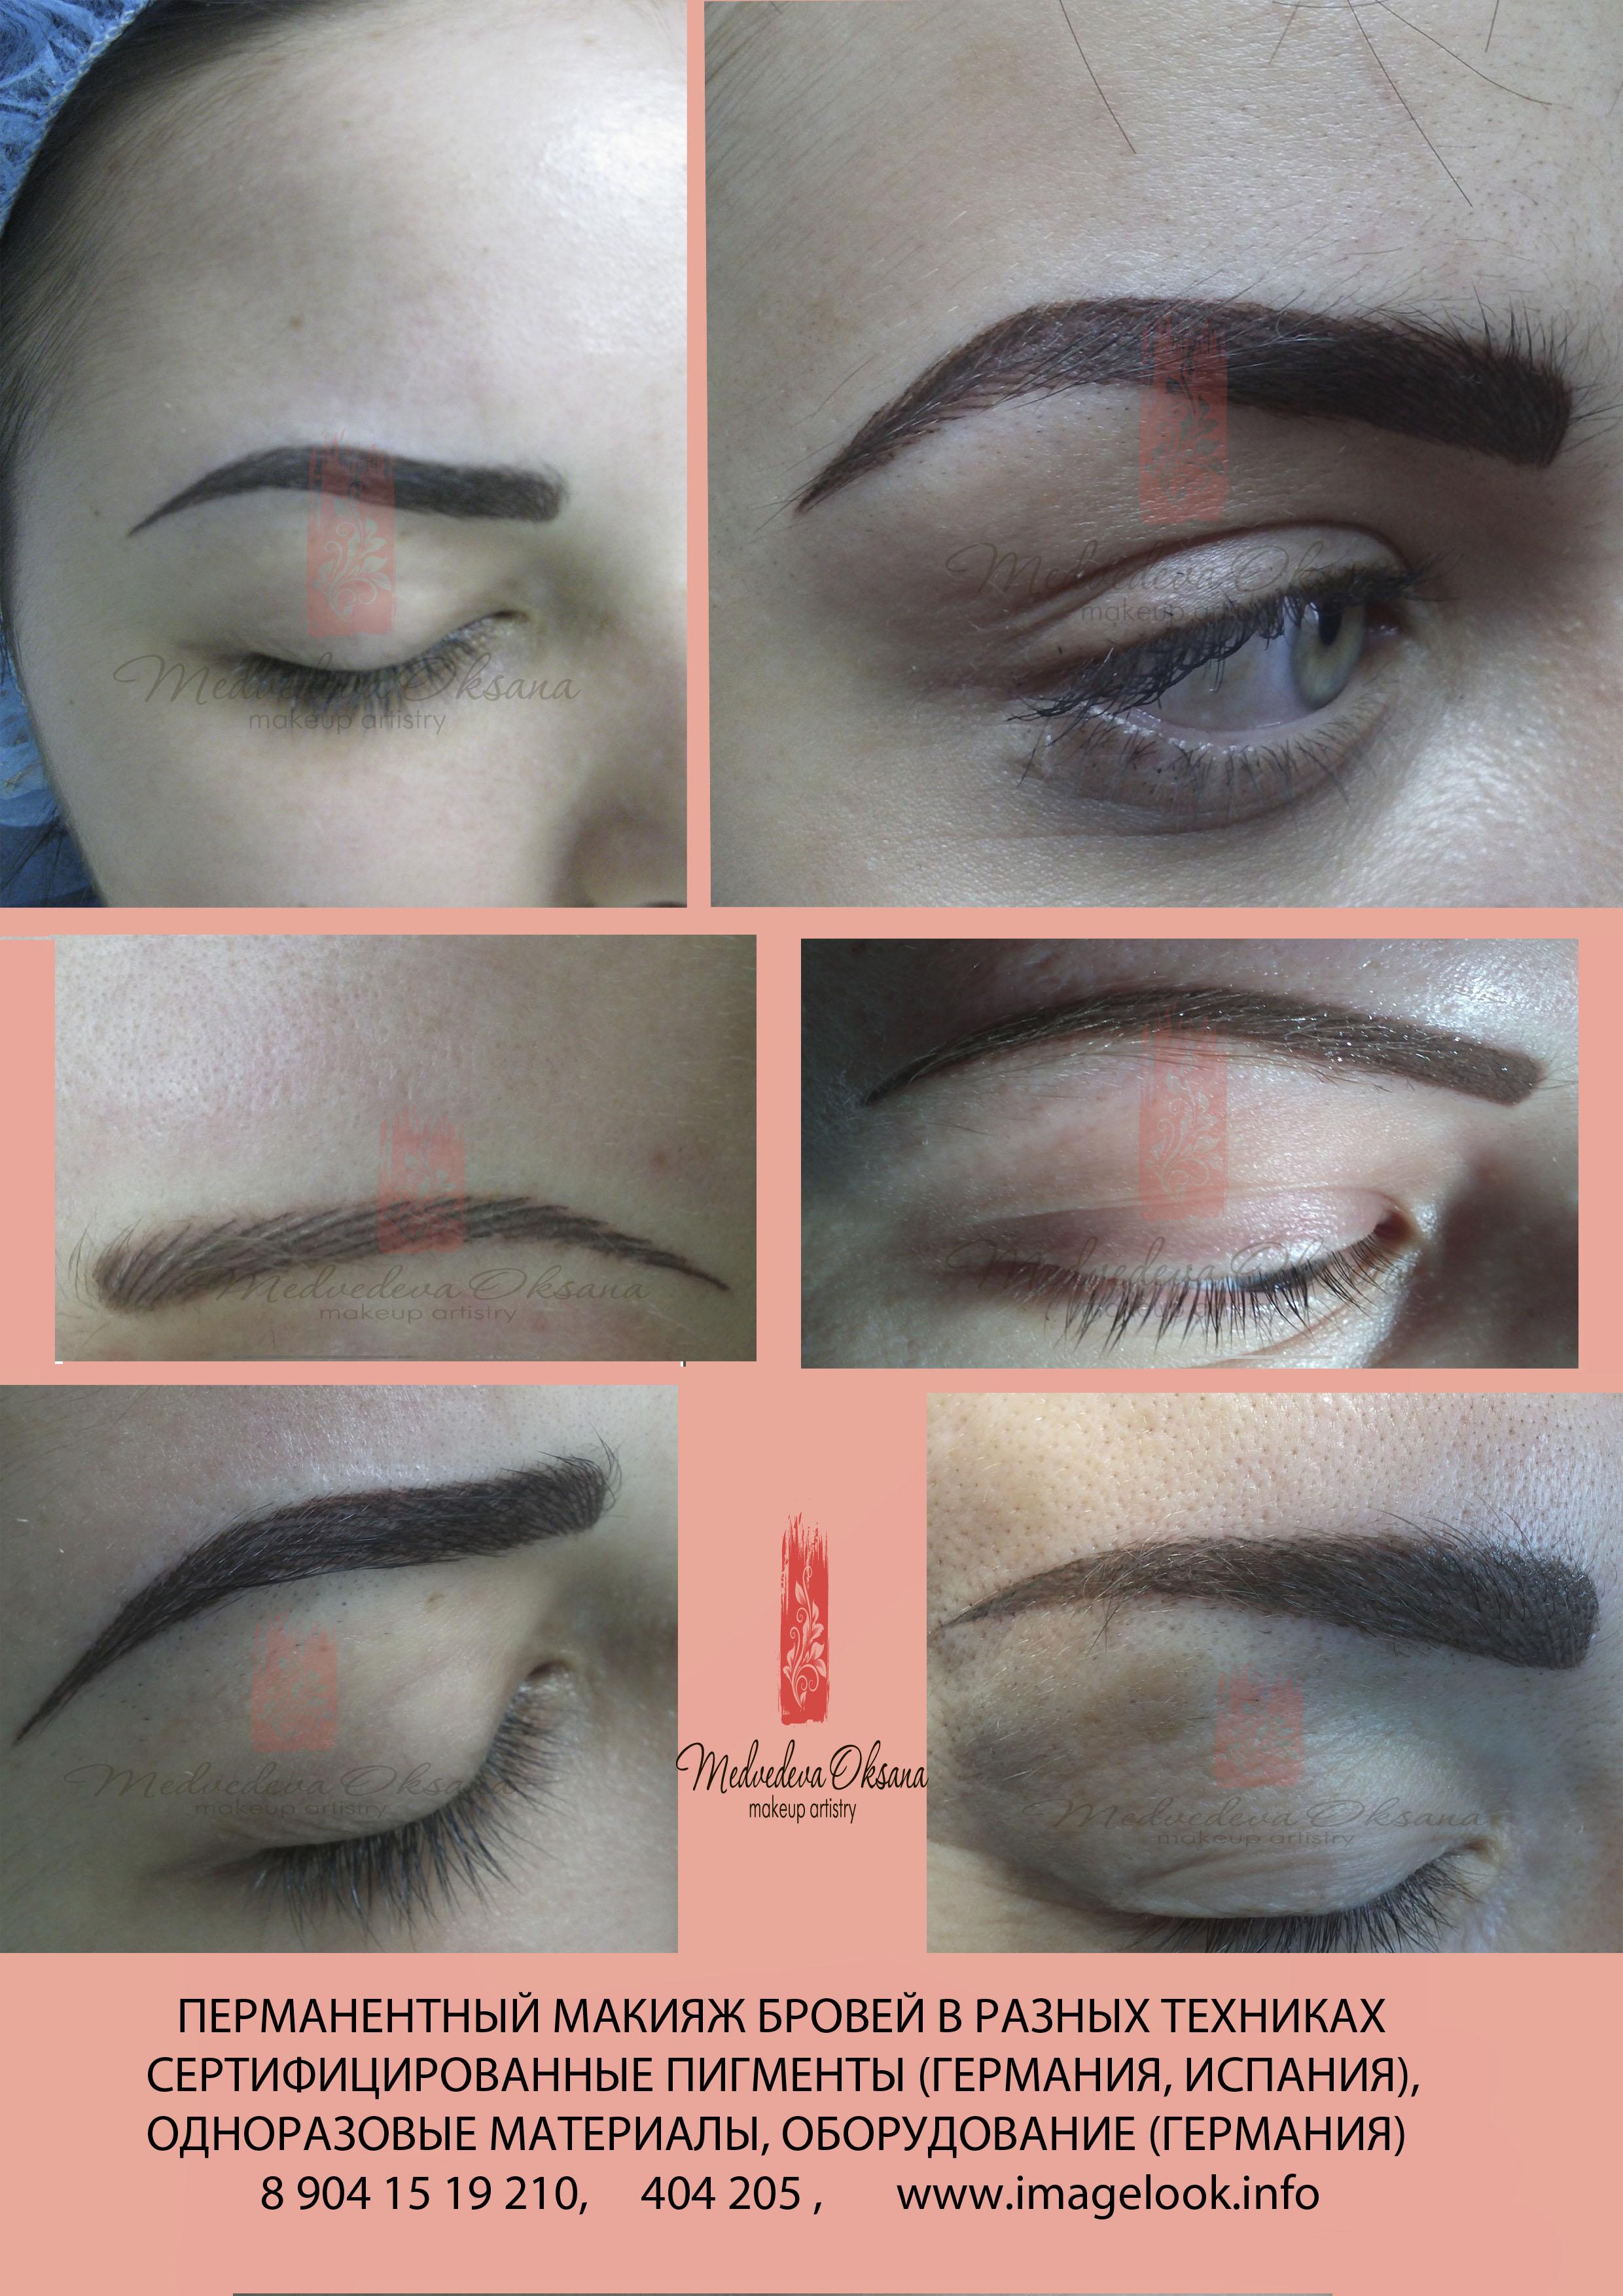 Перманентный макияж бровей за 2000